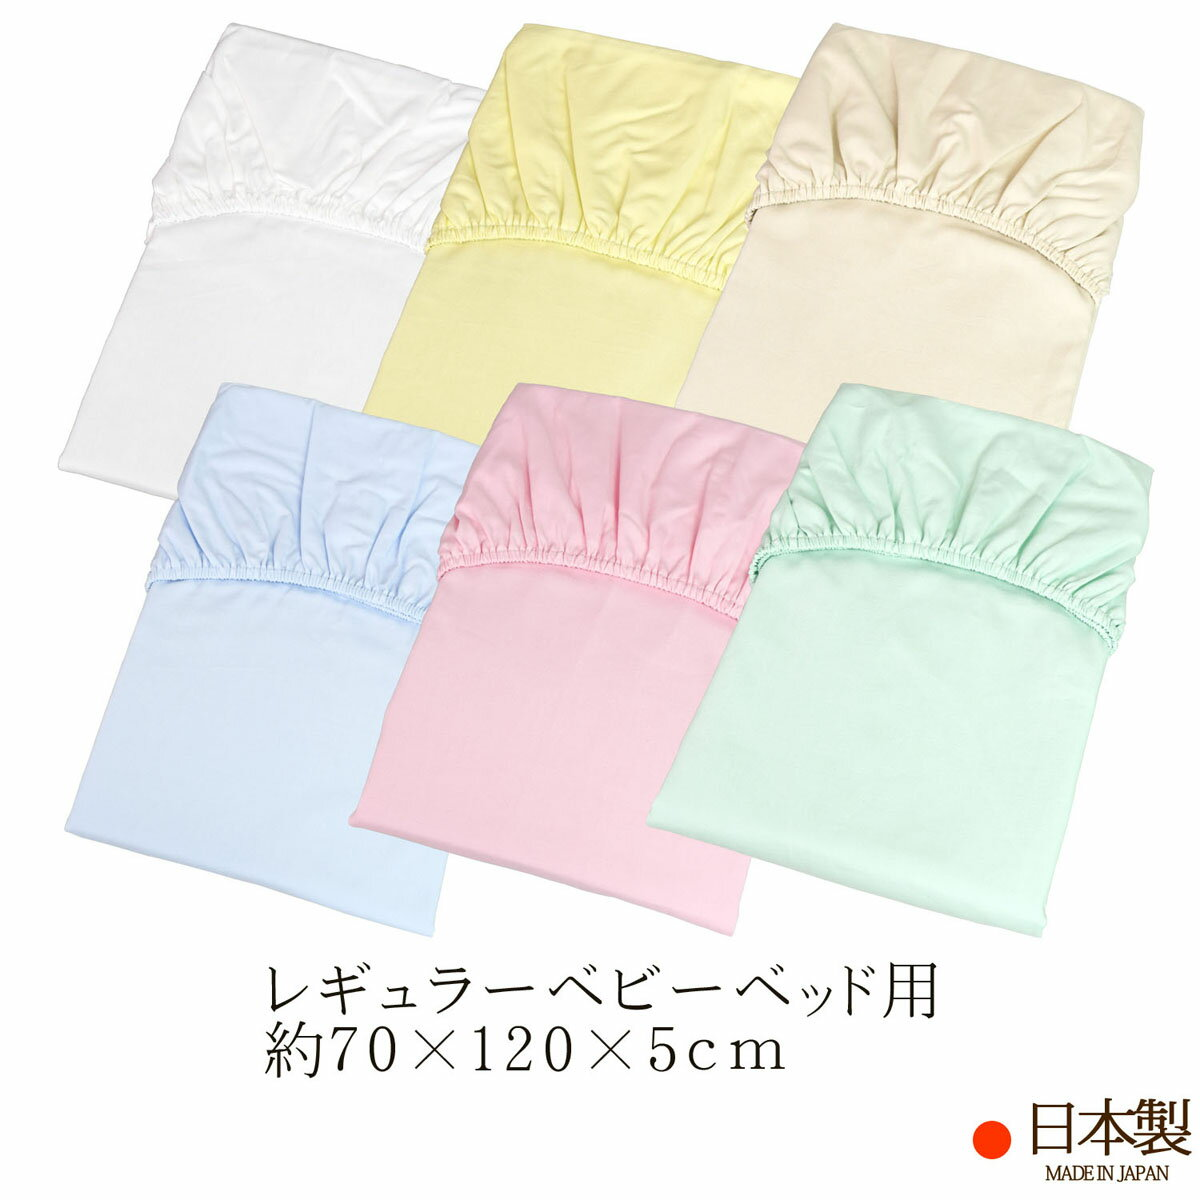 フィットシーツ(ベビー70×120×5cm用)ベーシック:ブロード日本製フジキベビー用赤ちゃん赤ちゃ